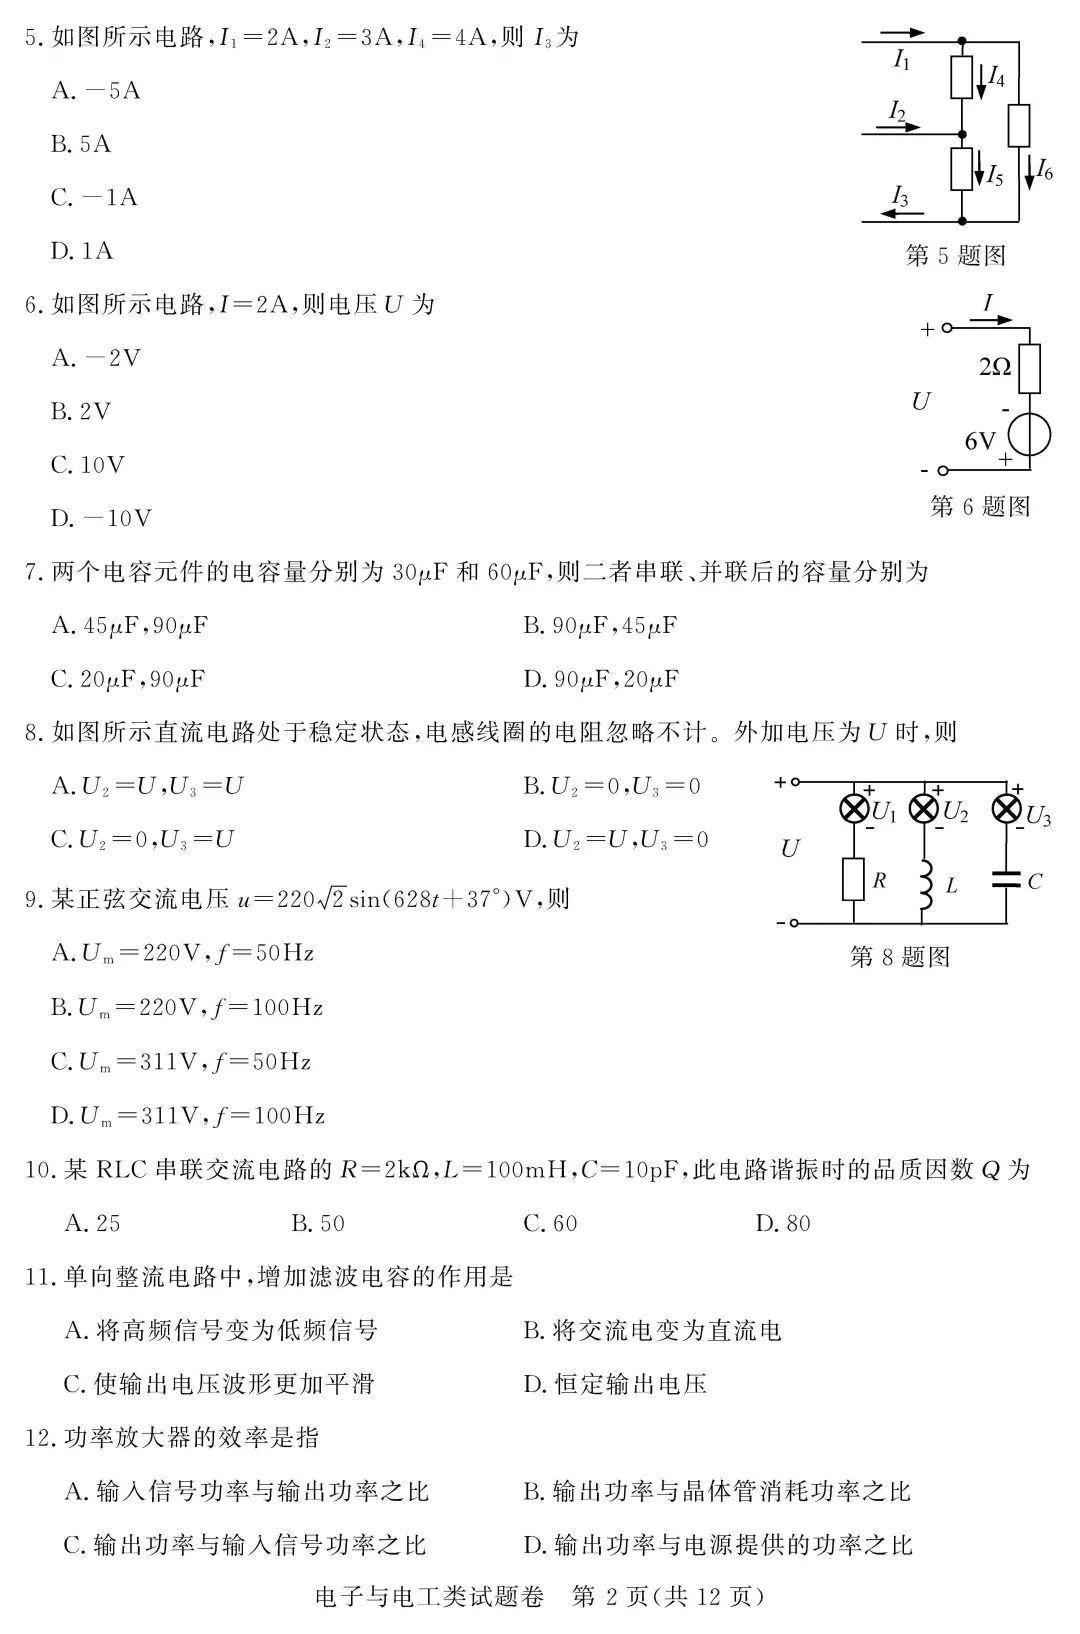 2018浙江高校招生职业技能理论考试电子与电工类试题及参考答案公布